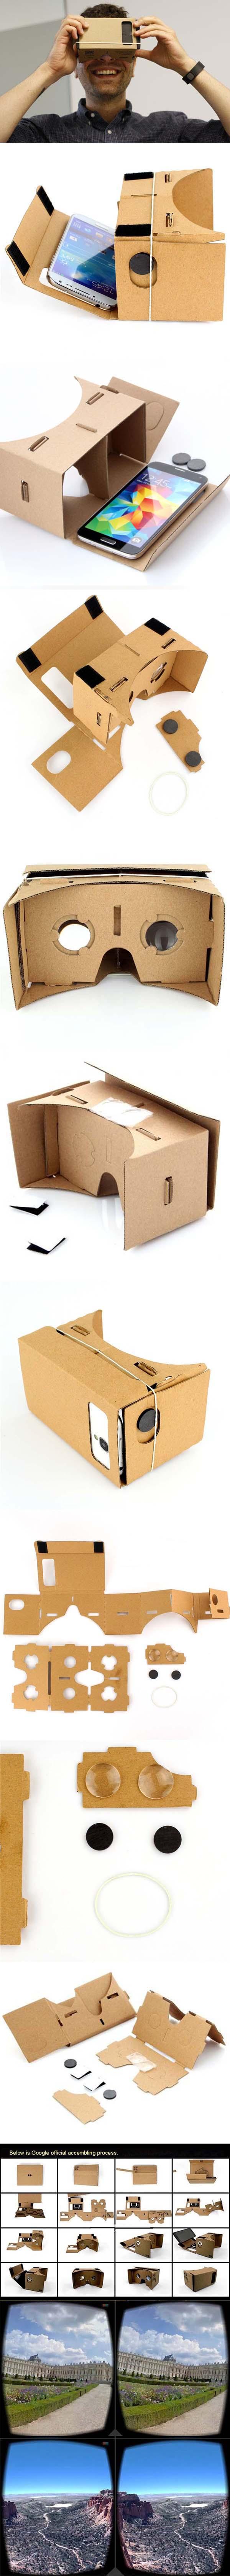 Как сделать очки виртуальной реальности для телефона 539